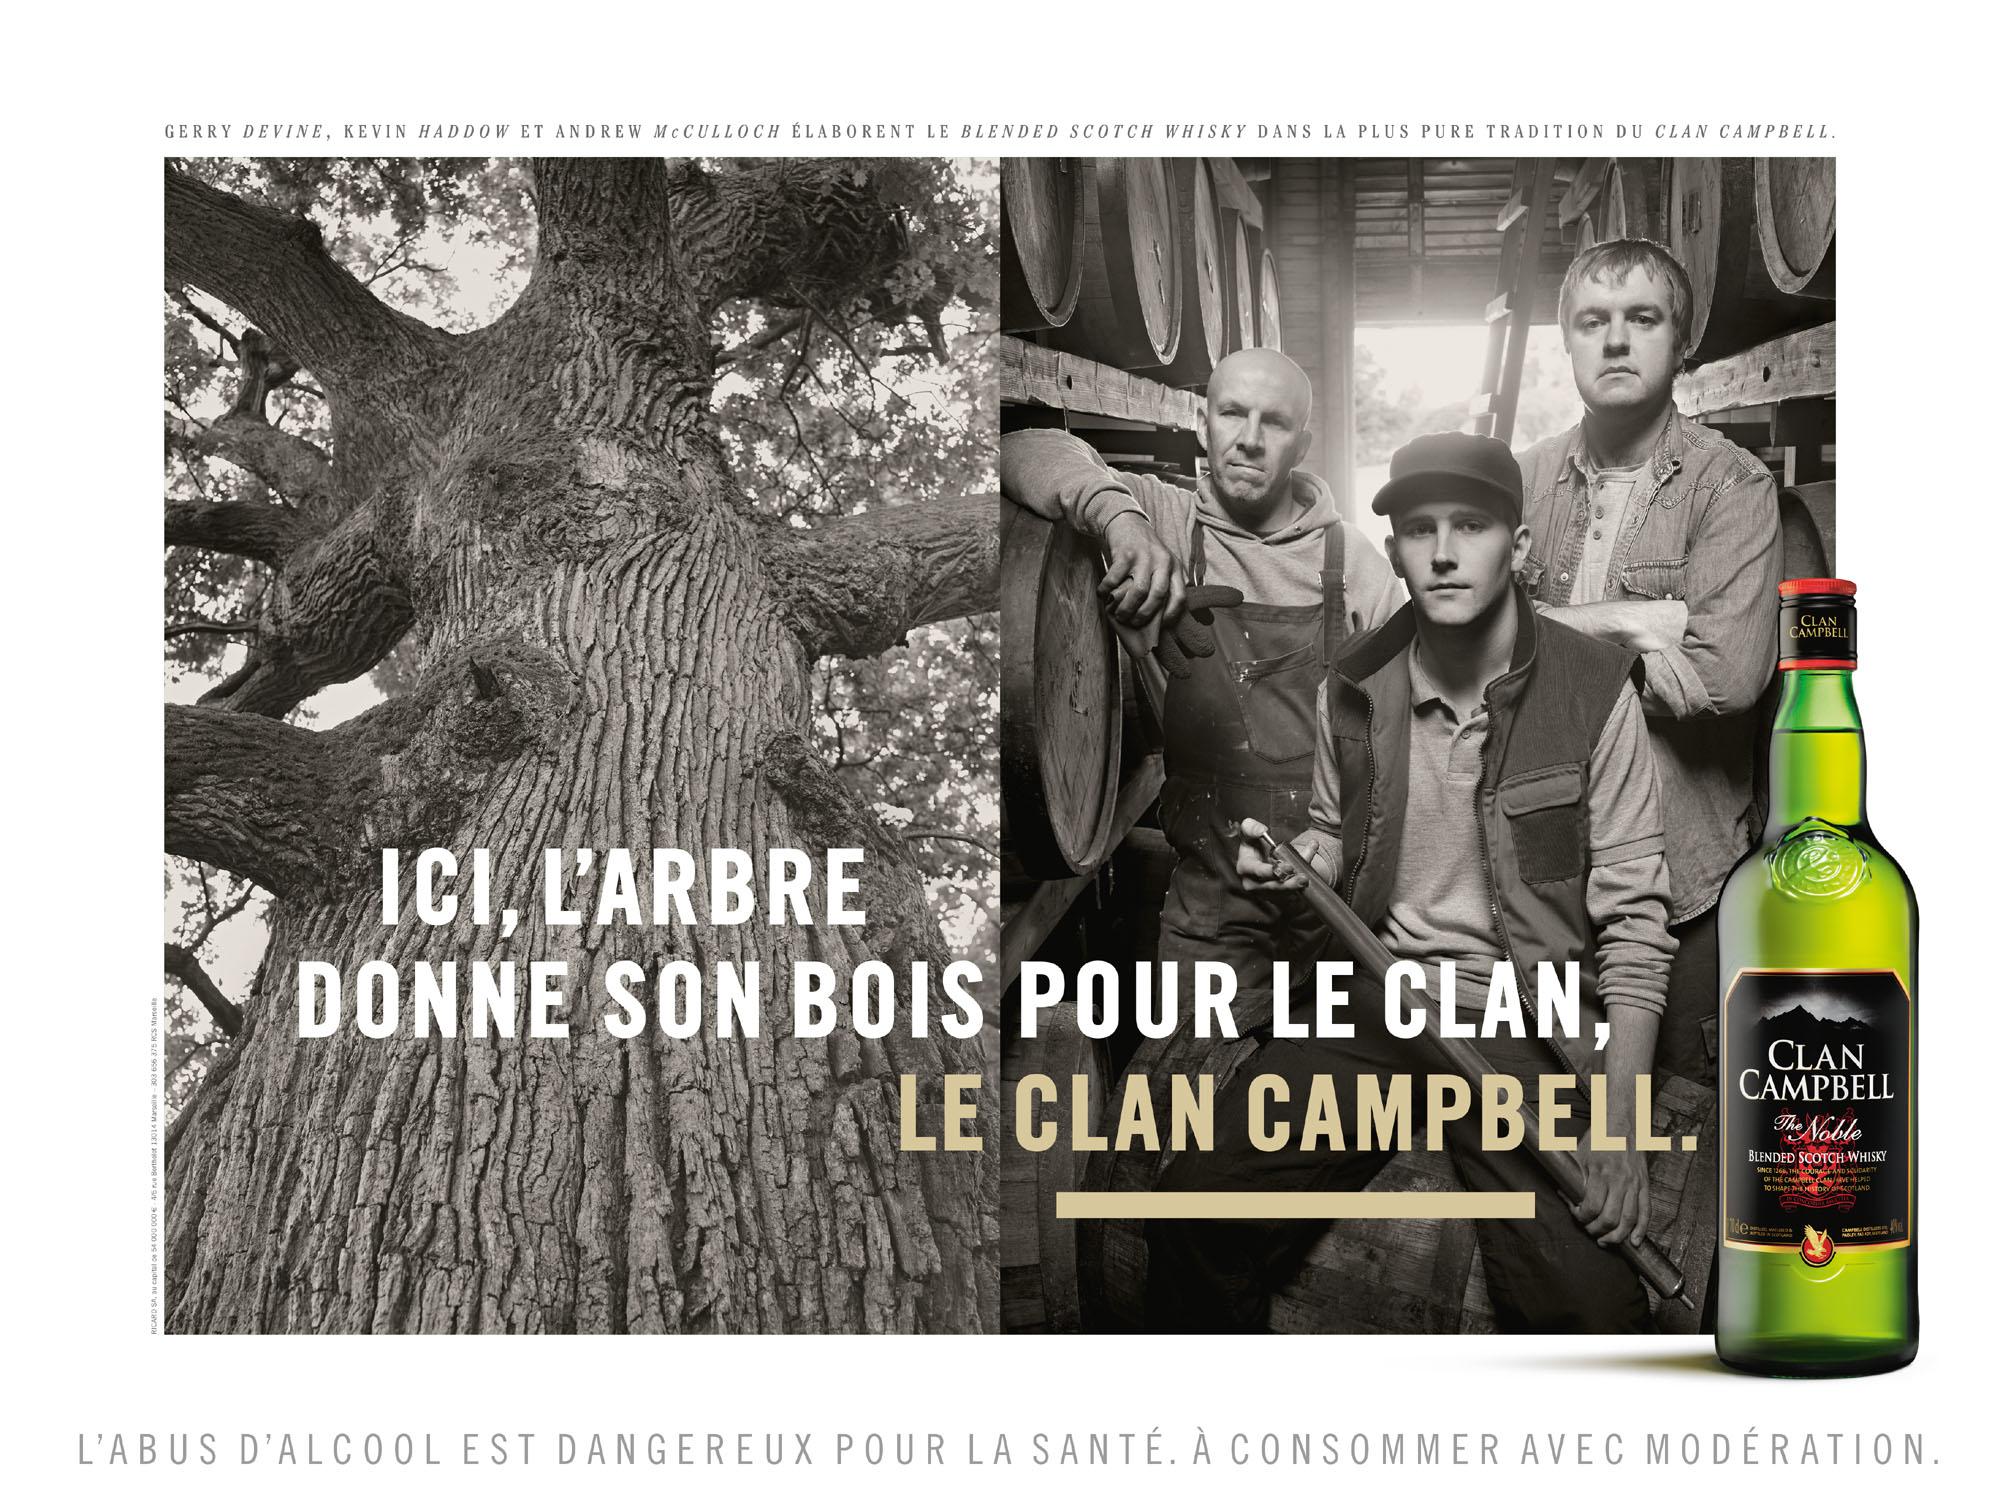 Jésus pour Clan Campbell - whisky - novembre 2013